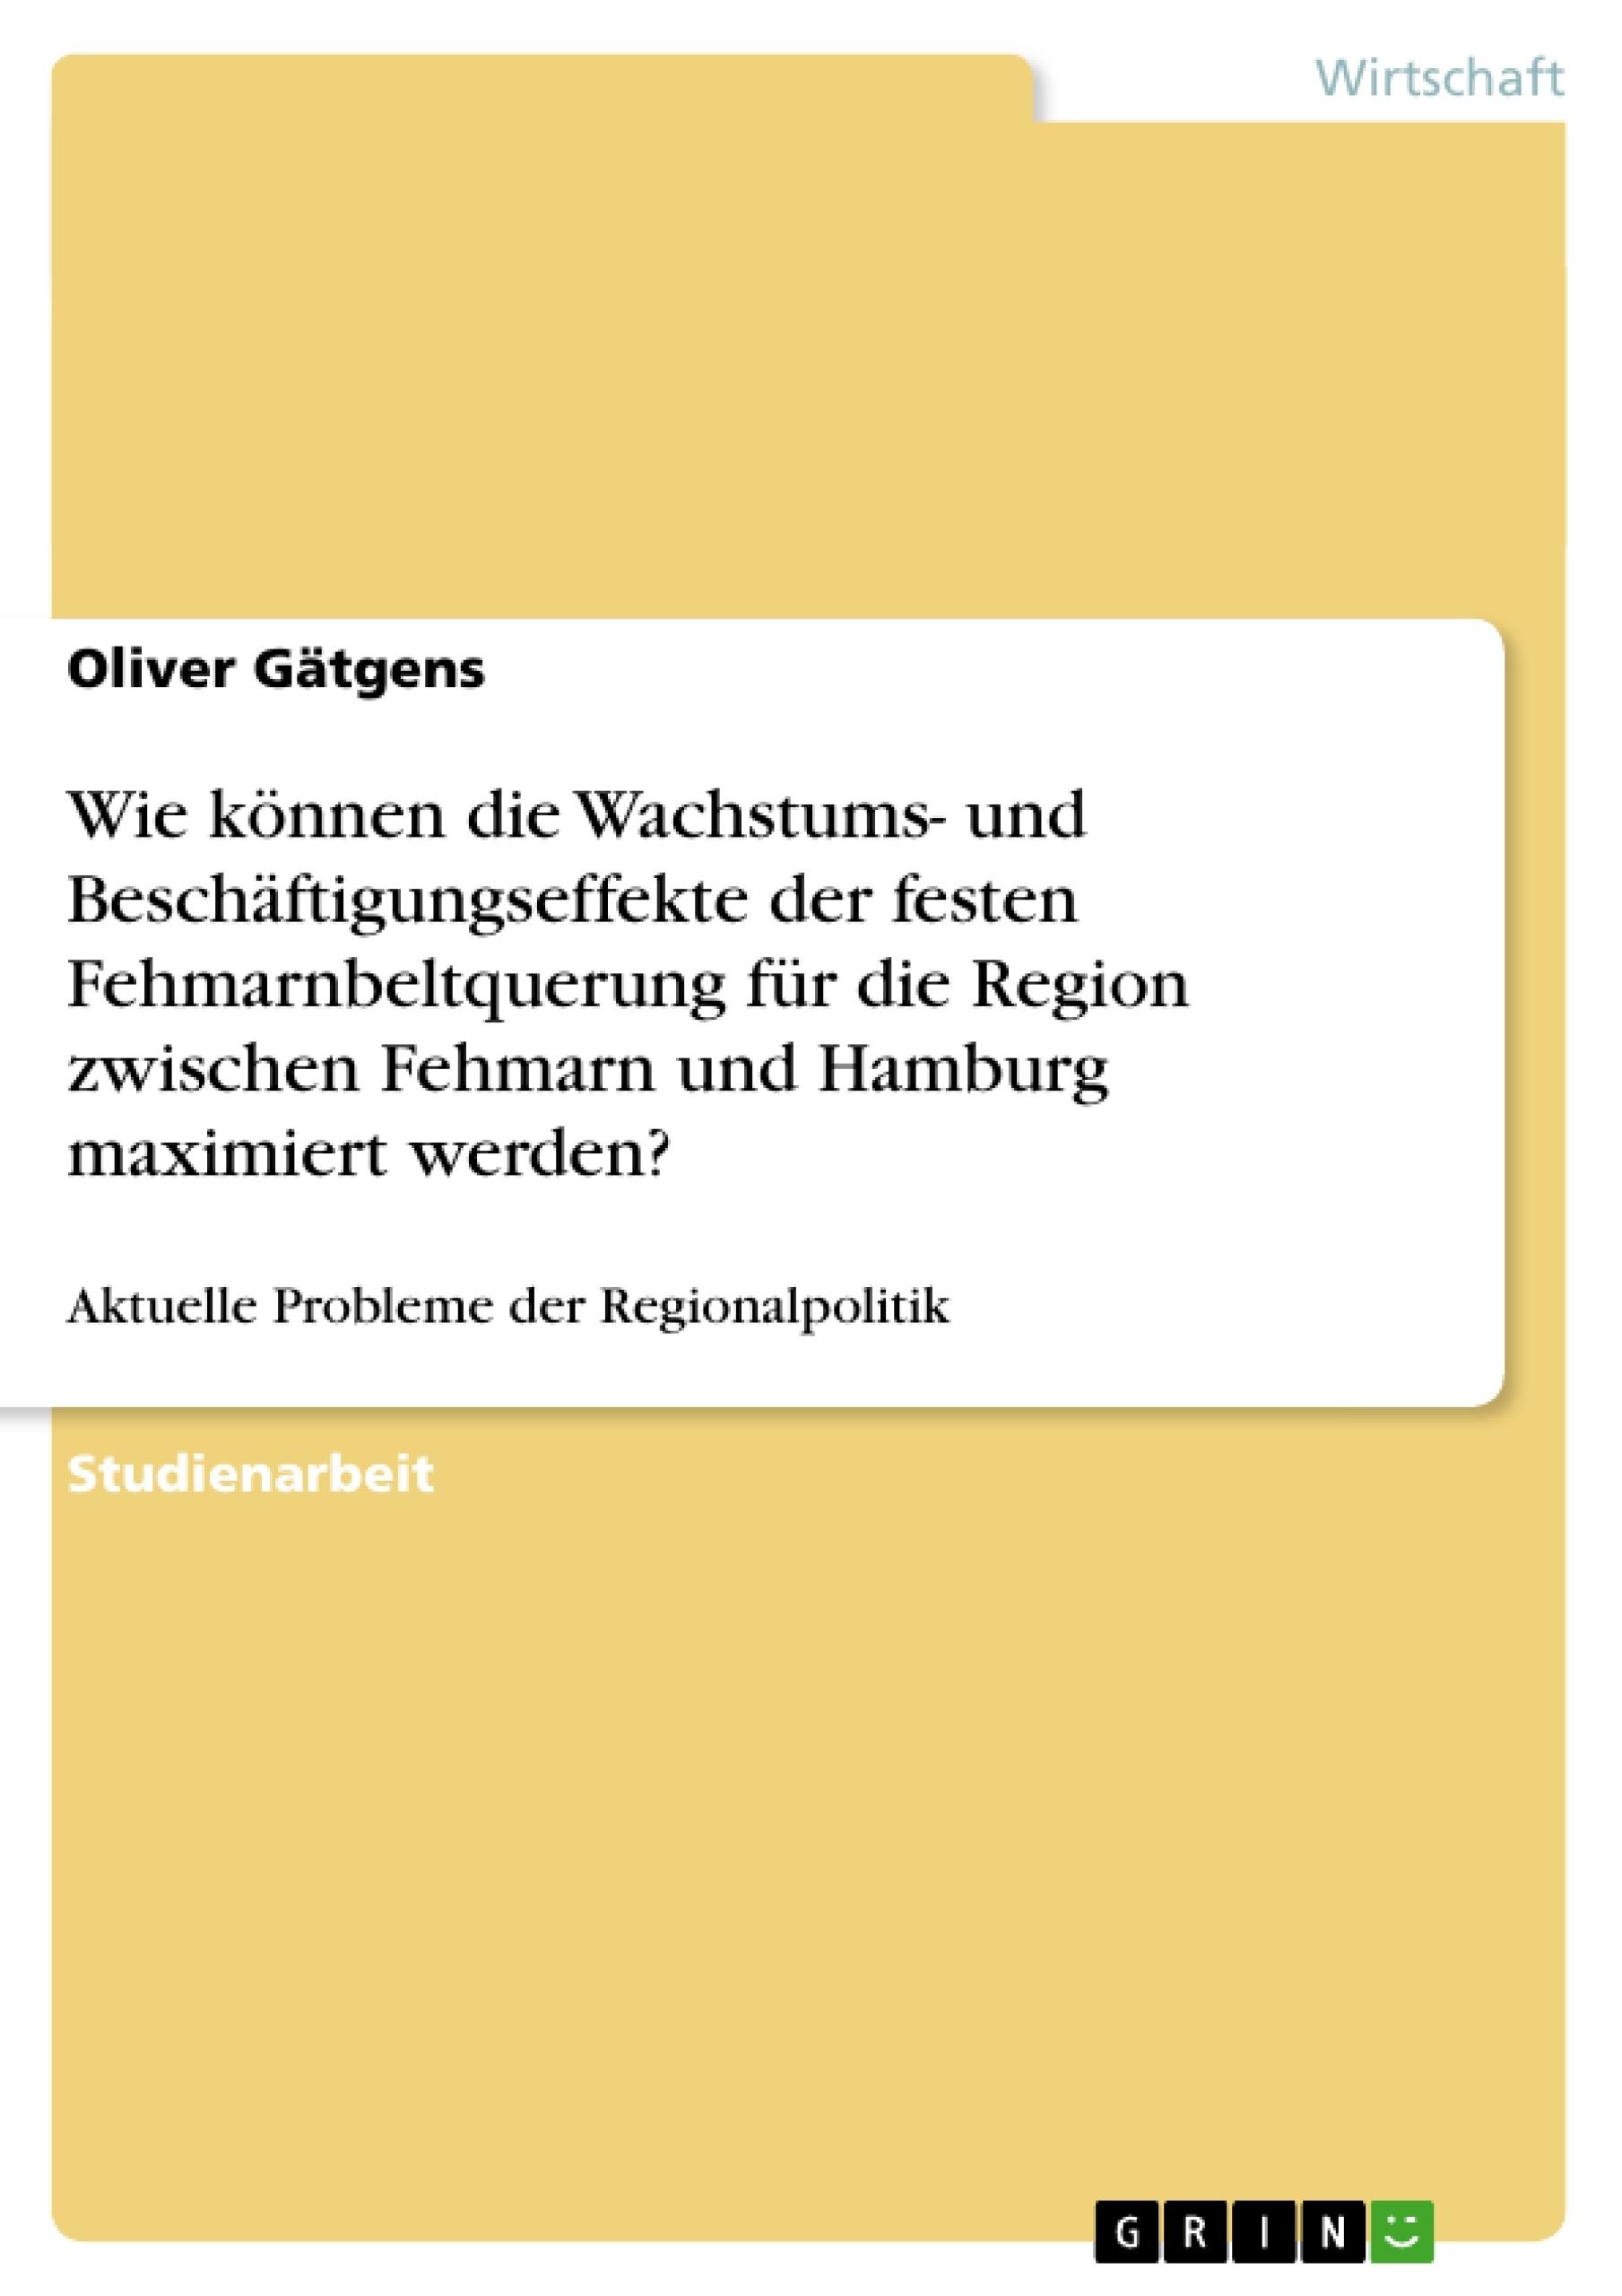 Titel: Wie können die Wachstums- und Beschäftigungseffekte der festen Fehmarnbeltquerung für die Region zwischen Fehmarn und Hamburg maximiert werden?